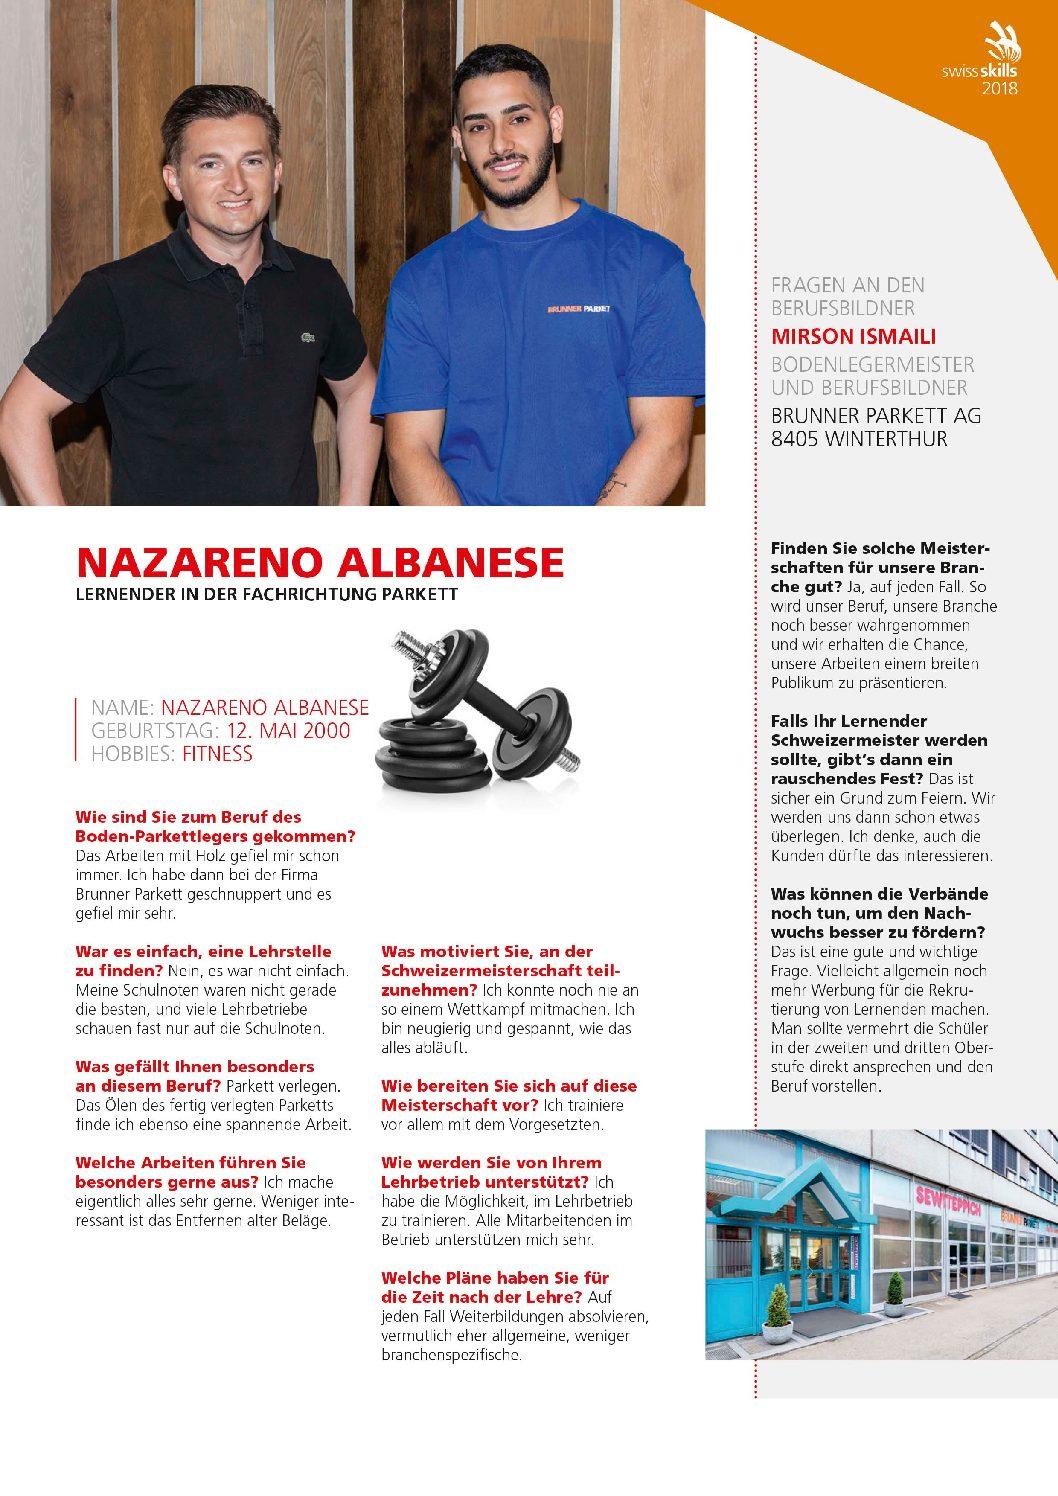 SwissSkills-2018-Nazareno-Albanese-pdf